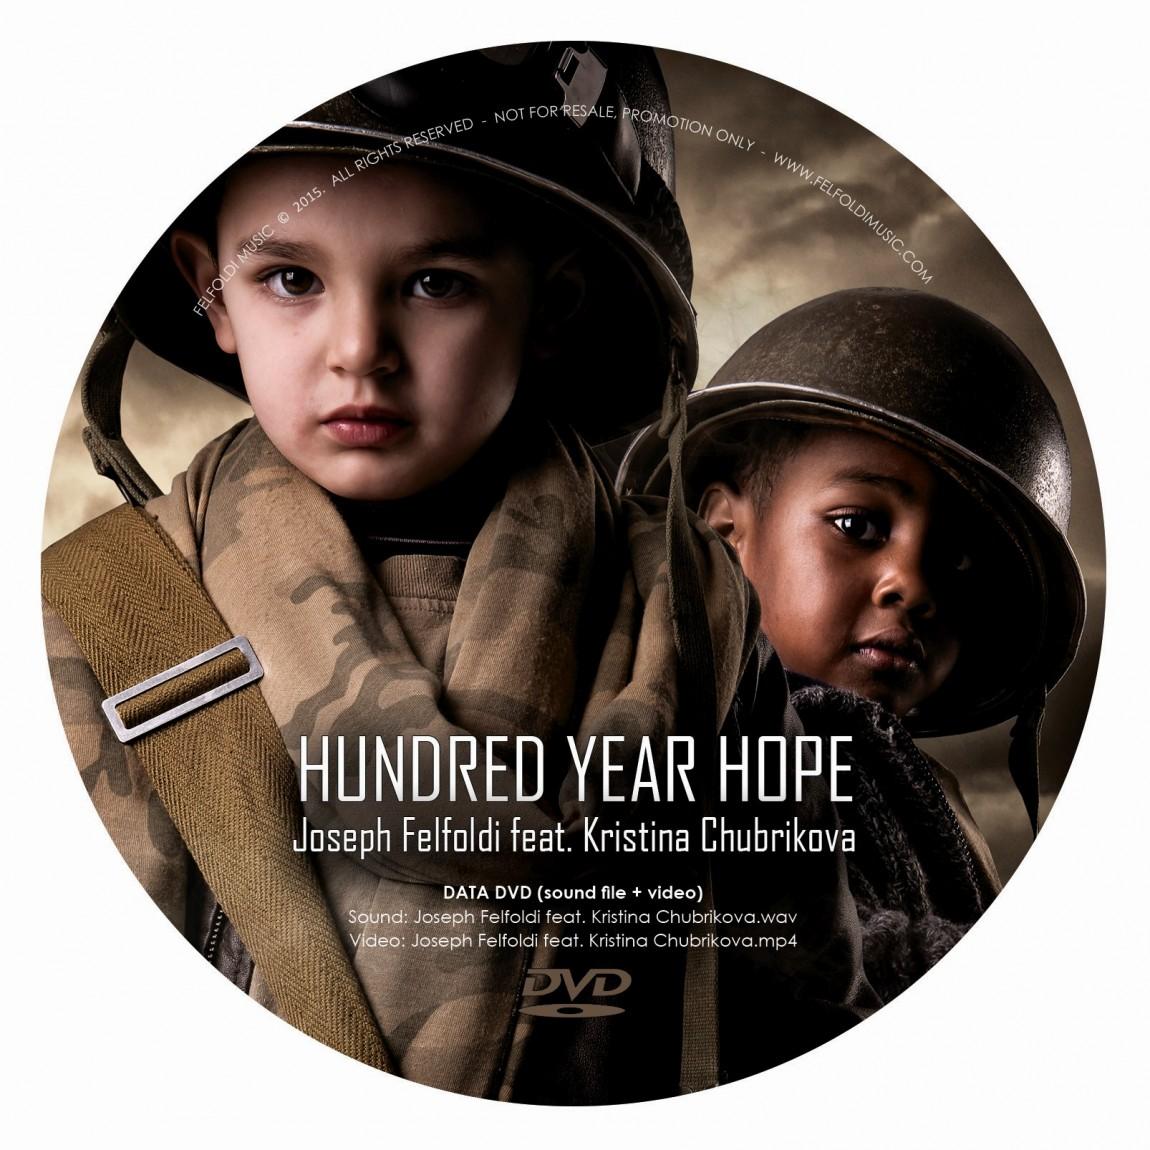 Hundred year hope DVD